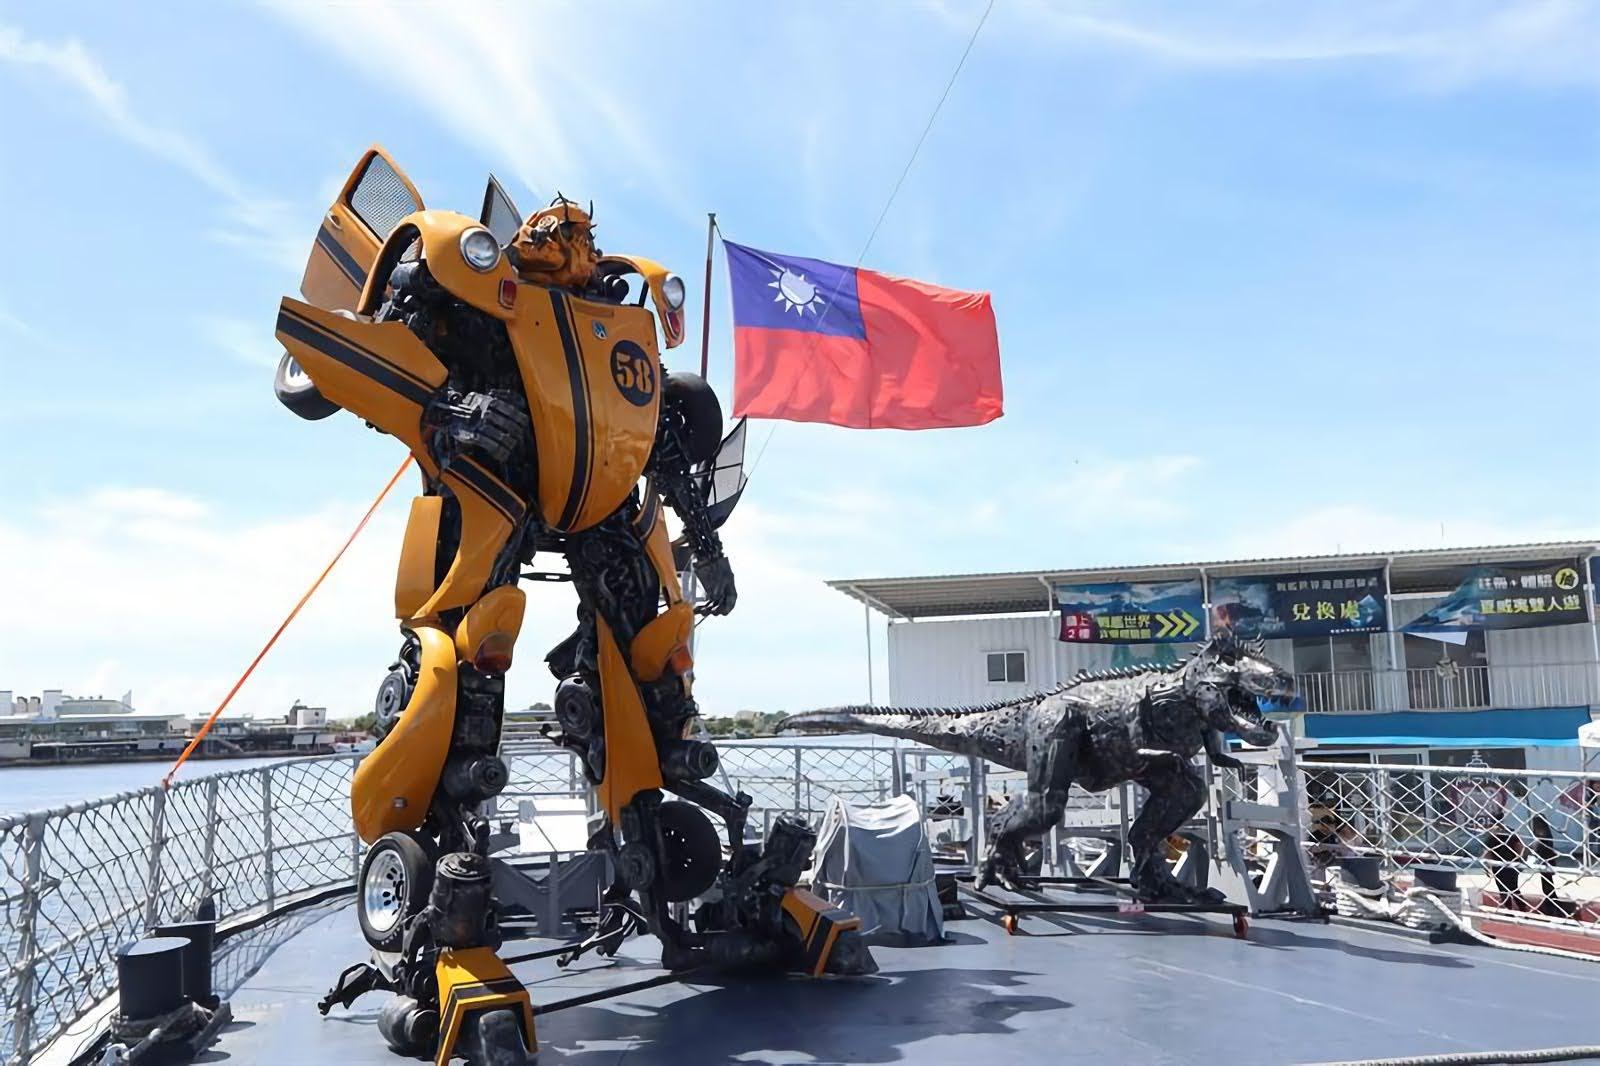 「艦證奇蹟」鋼鐵機器人創作特展|與熱血機器人一同捍衛德陽軍艦|活動